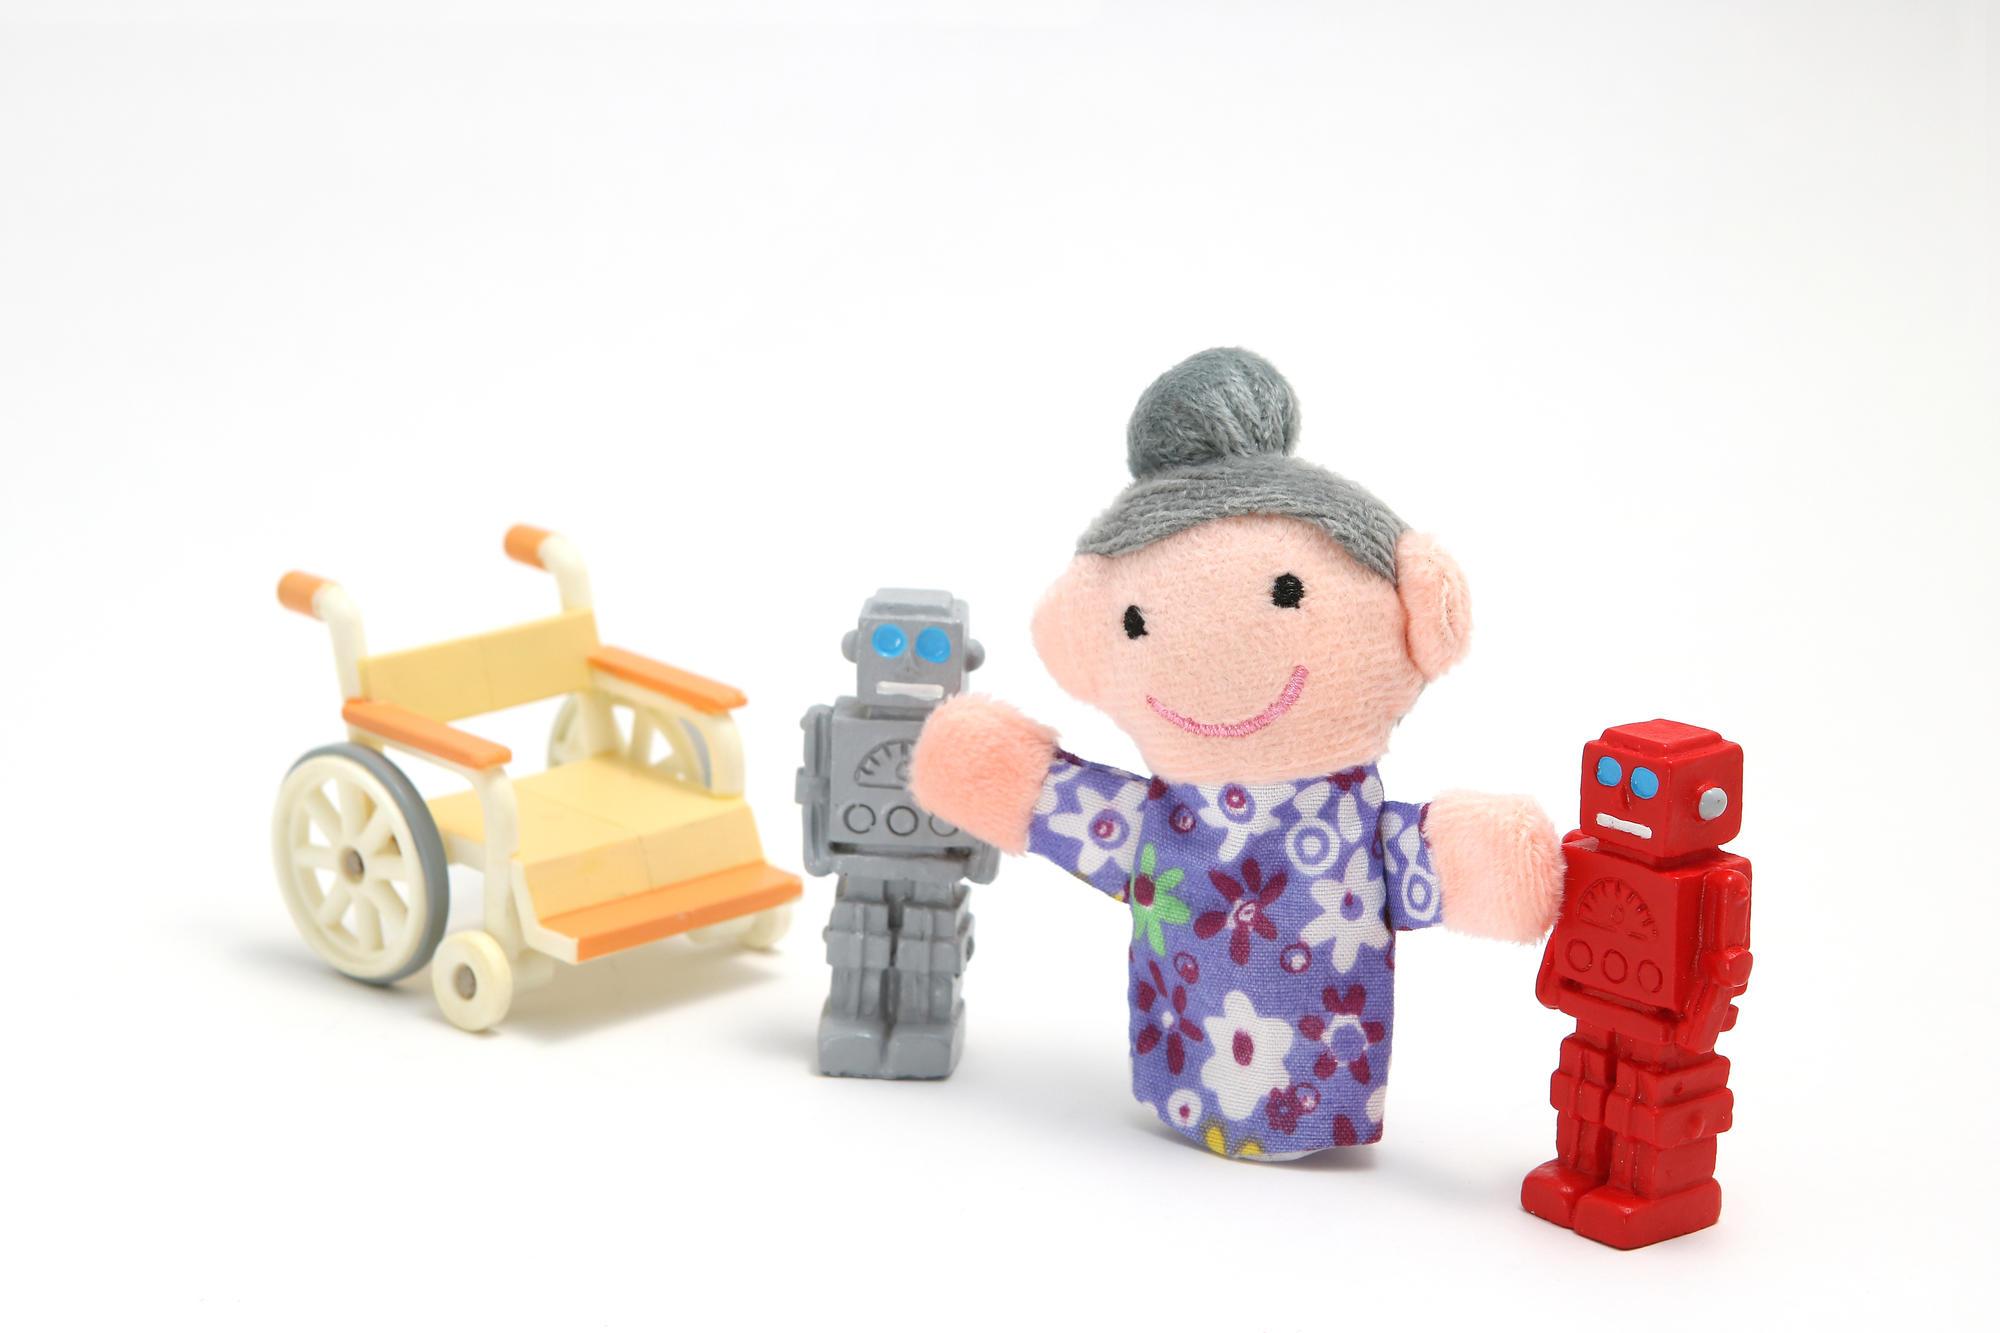 介護ロボット導入のメリットと実用化における課題|介護のコラム